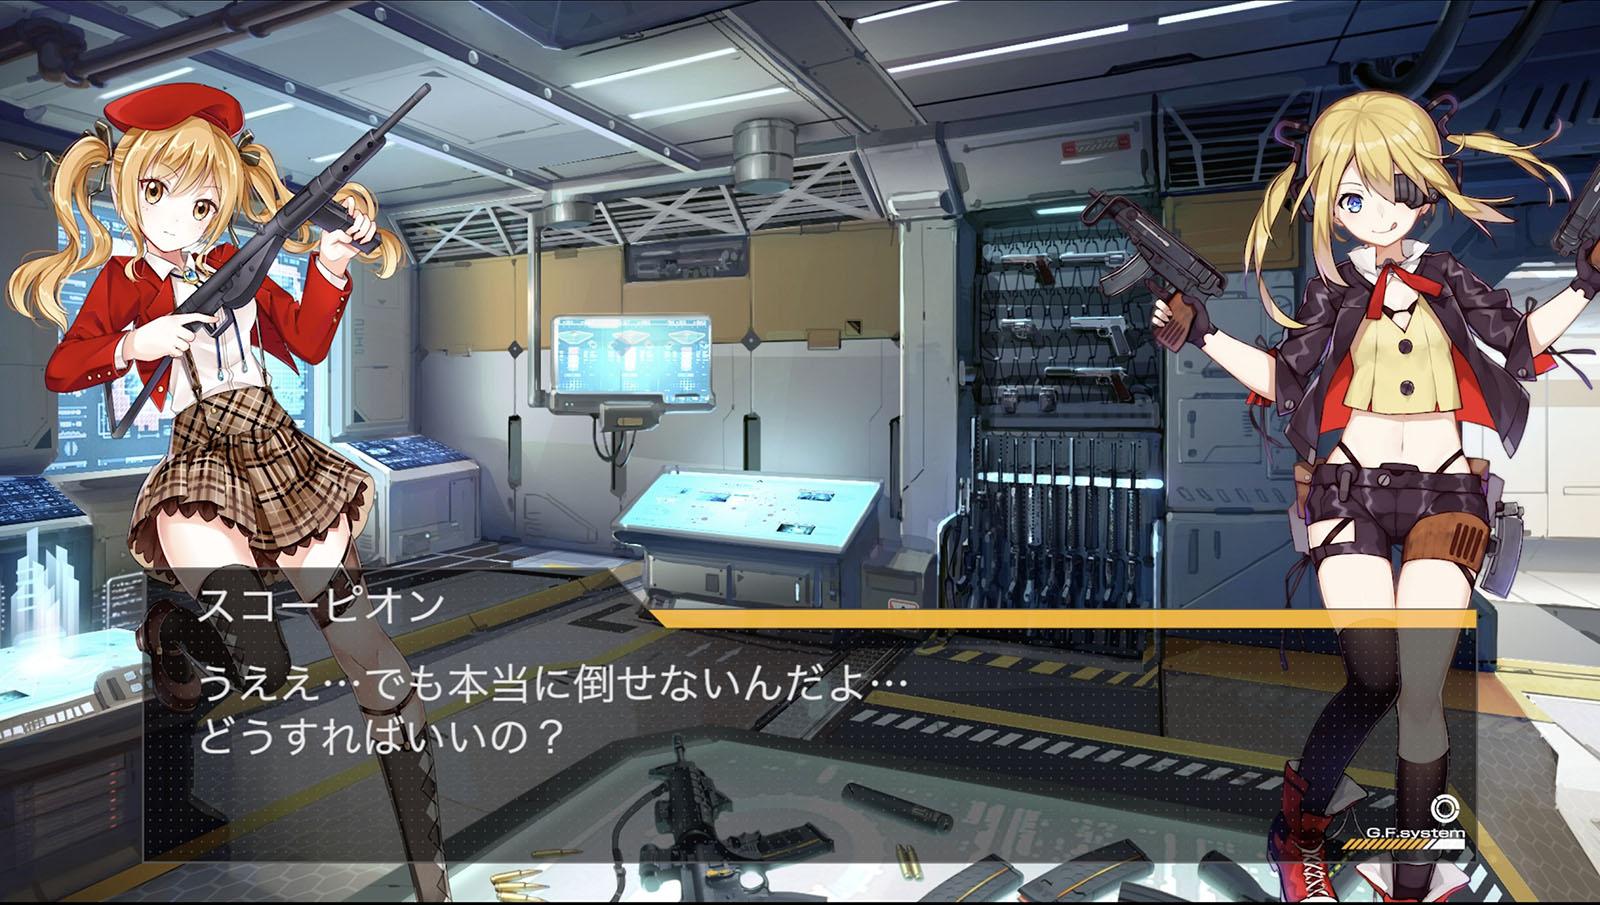 ドールズ フロント ライン アニメ